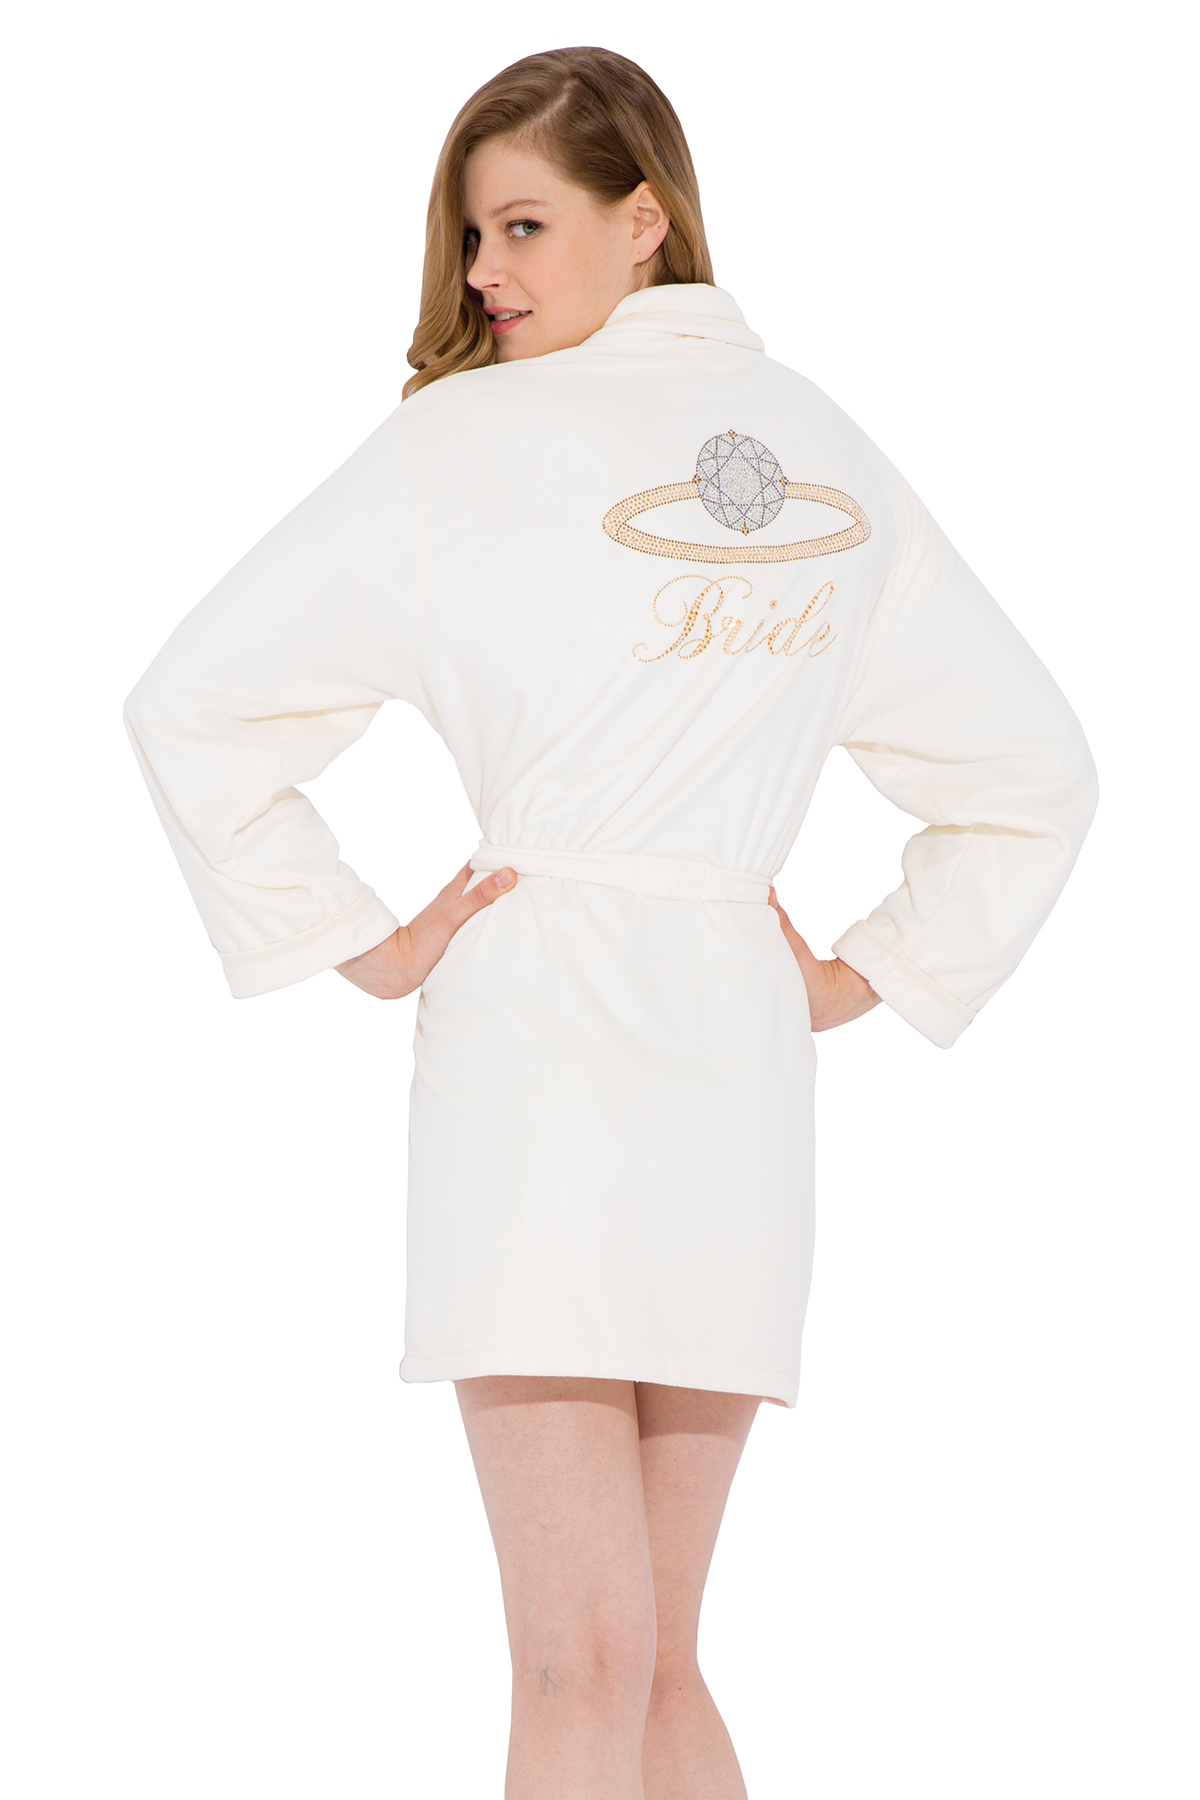 Wrap Up Bride Short Robe